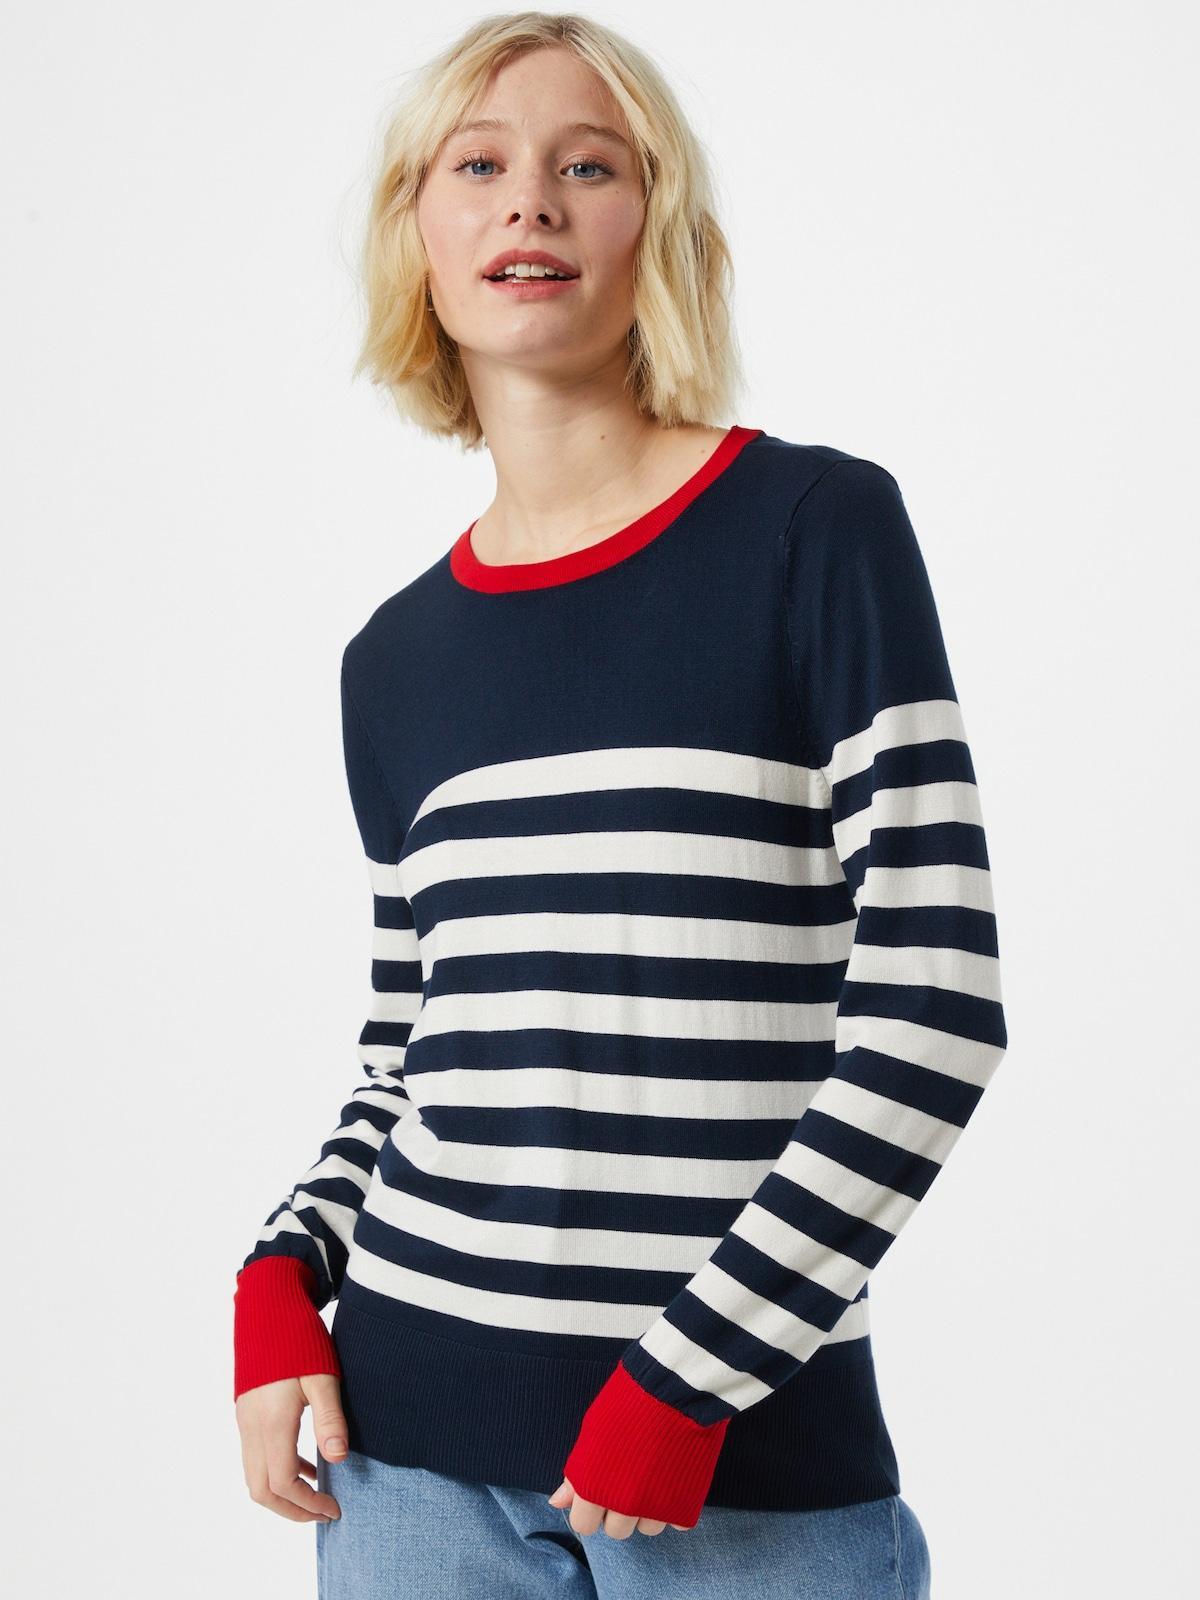 jersey de manga larga de rayas con contraste en los puños y cuello